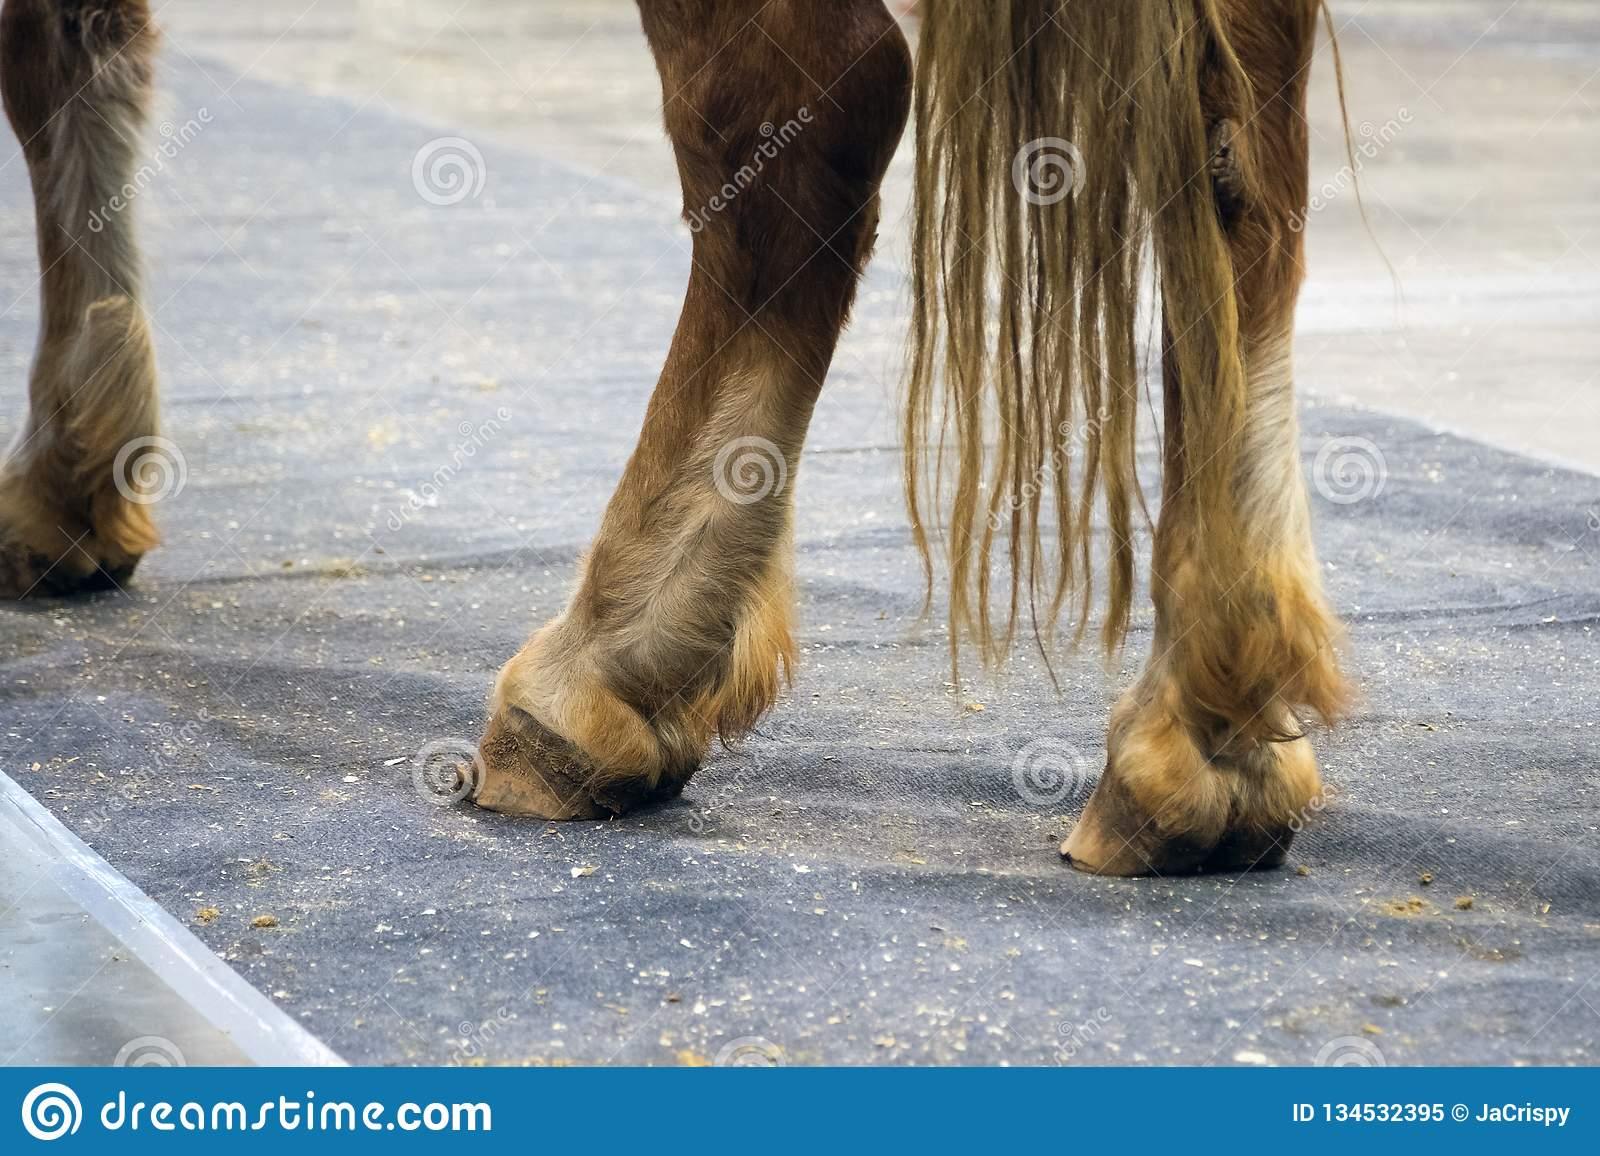 Копыто у лошади: из чего состоит, как ухаживать и чистить